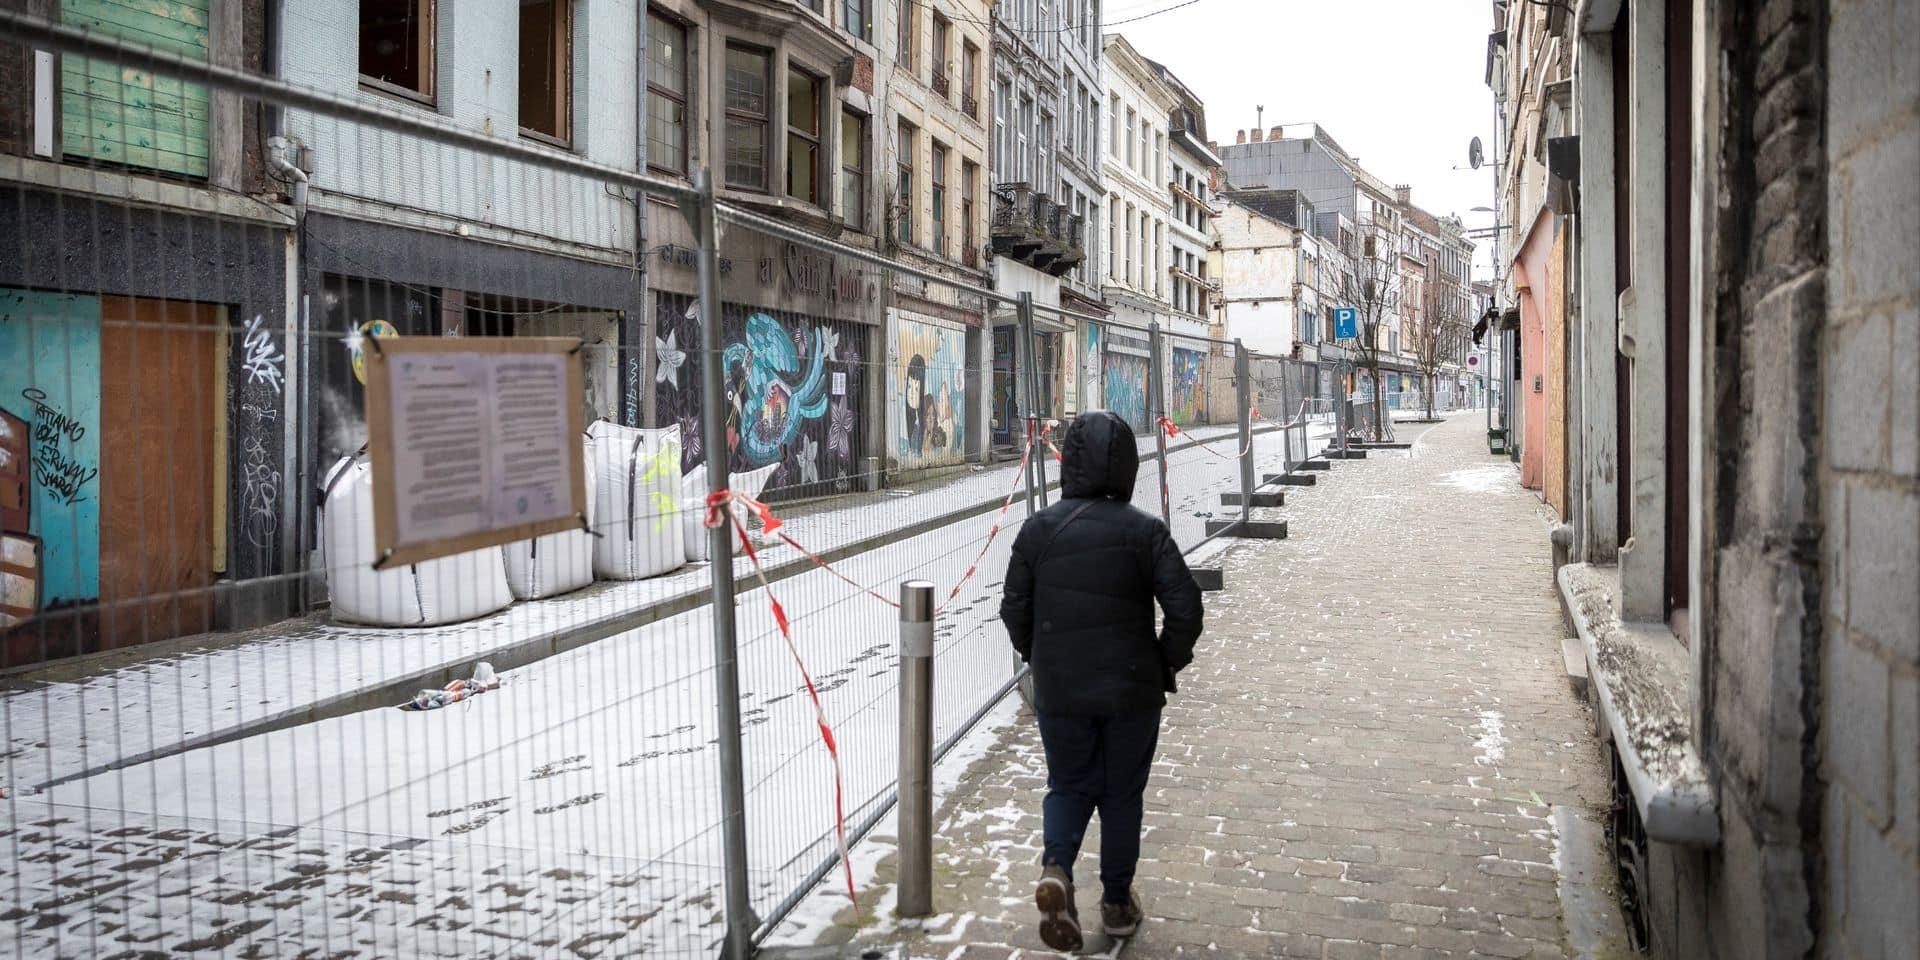 Démolition de 18 immeubles rue Spintay à Verviers: le Conseil d'Etat rejette le recours de City Mall